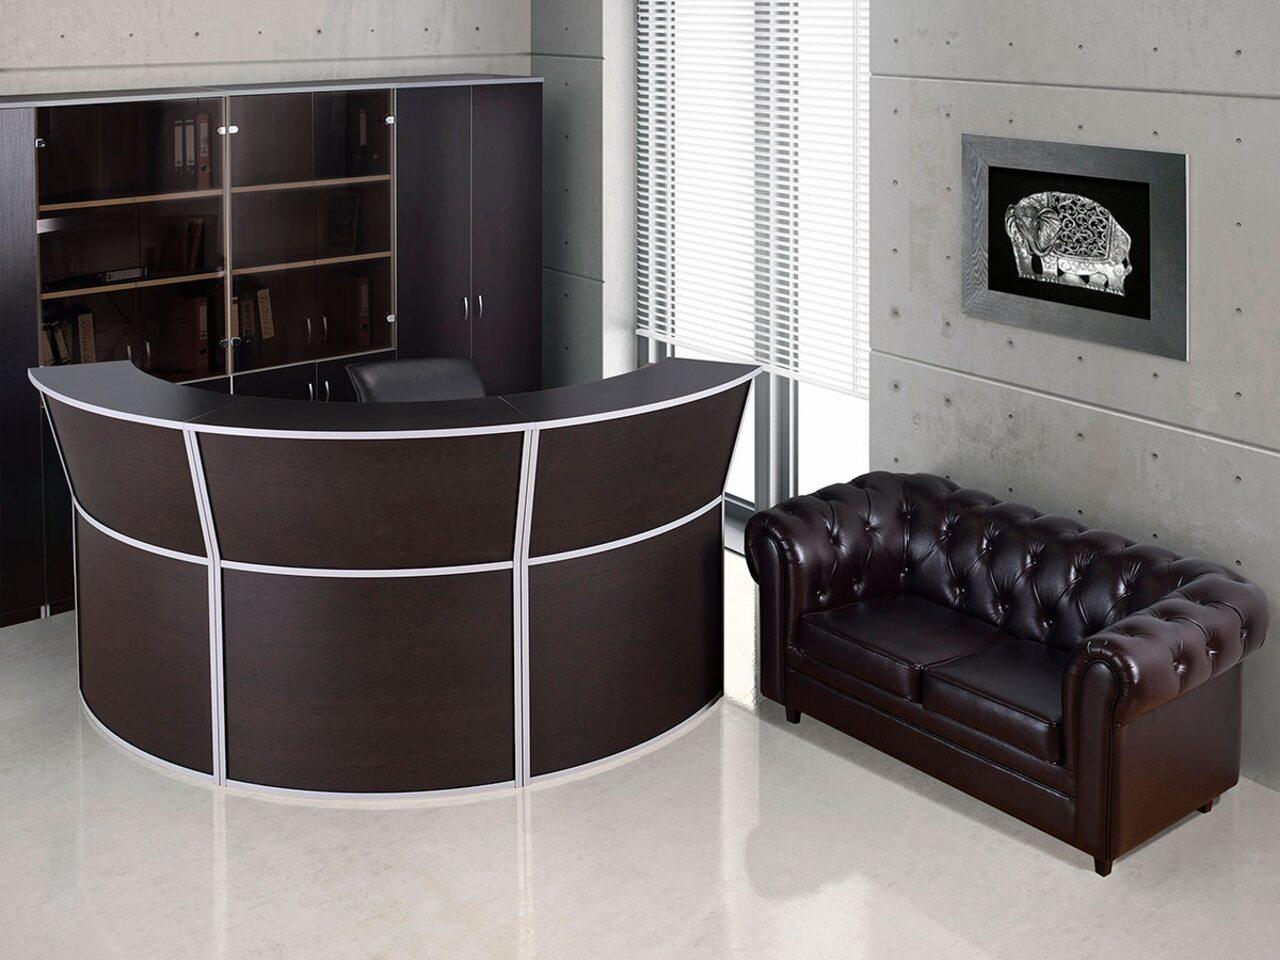 Мебель для приемной Ресепшн - фото 1